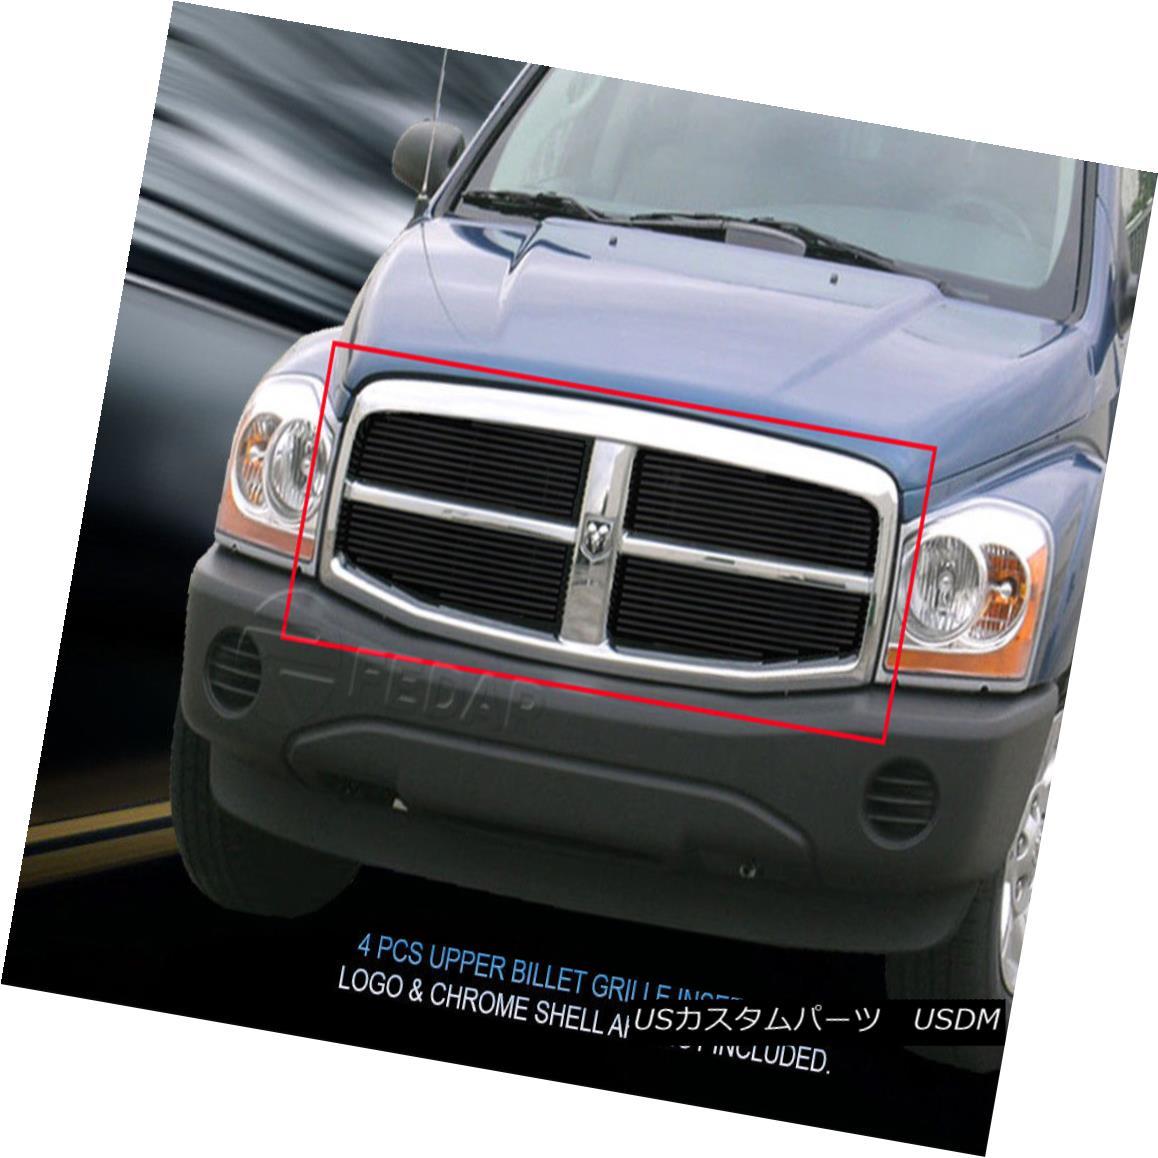 グリル 04-06 Dodge Durango Black Billet Grille Grill Insert 2Pcs Fedar 04-06 Dodge Durango Black Billetグリルグリルインサート2個入りFedar